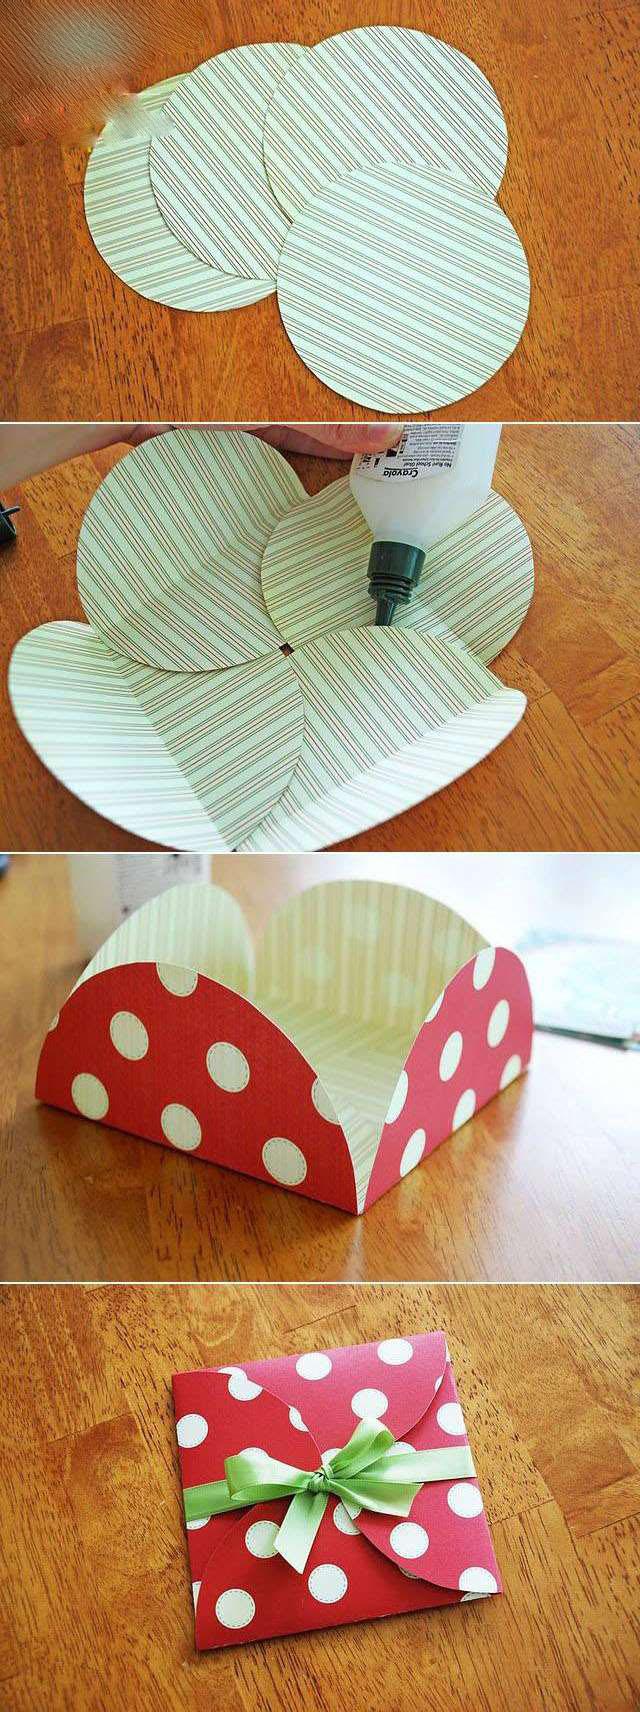 به راحتی پاکت هدیه بسیار شیک و متفاوت درست کنید+تصاویر